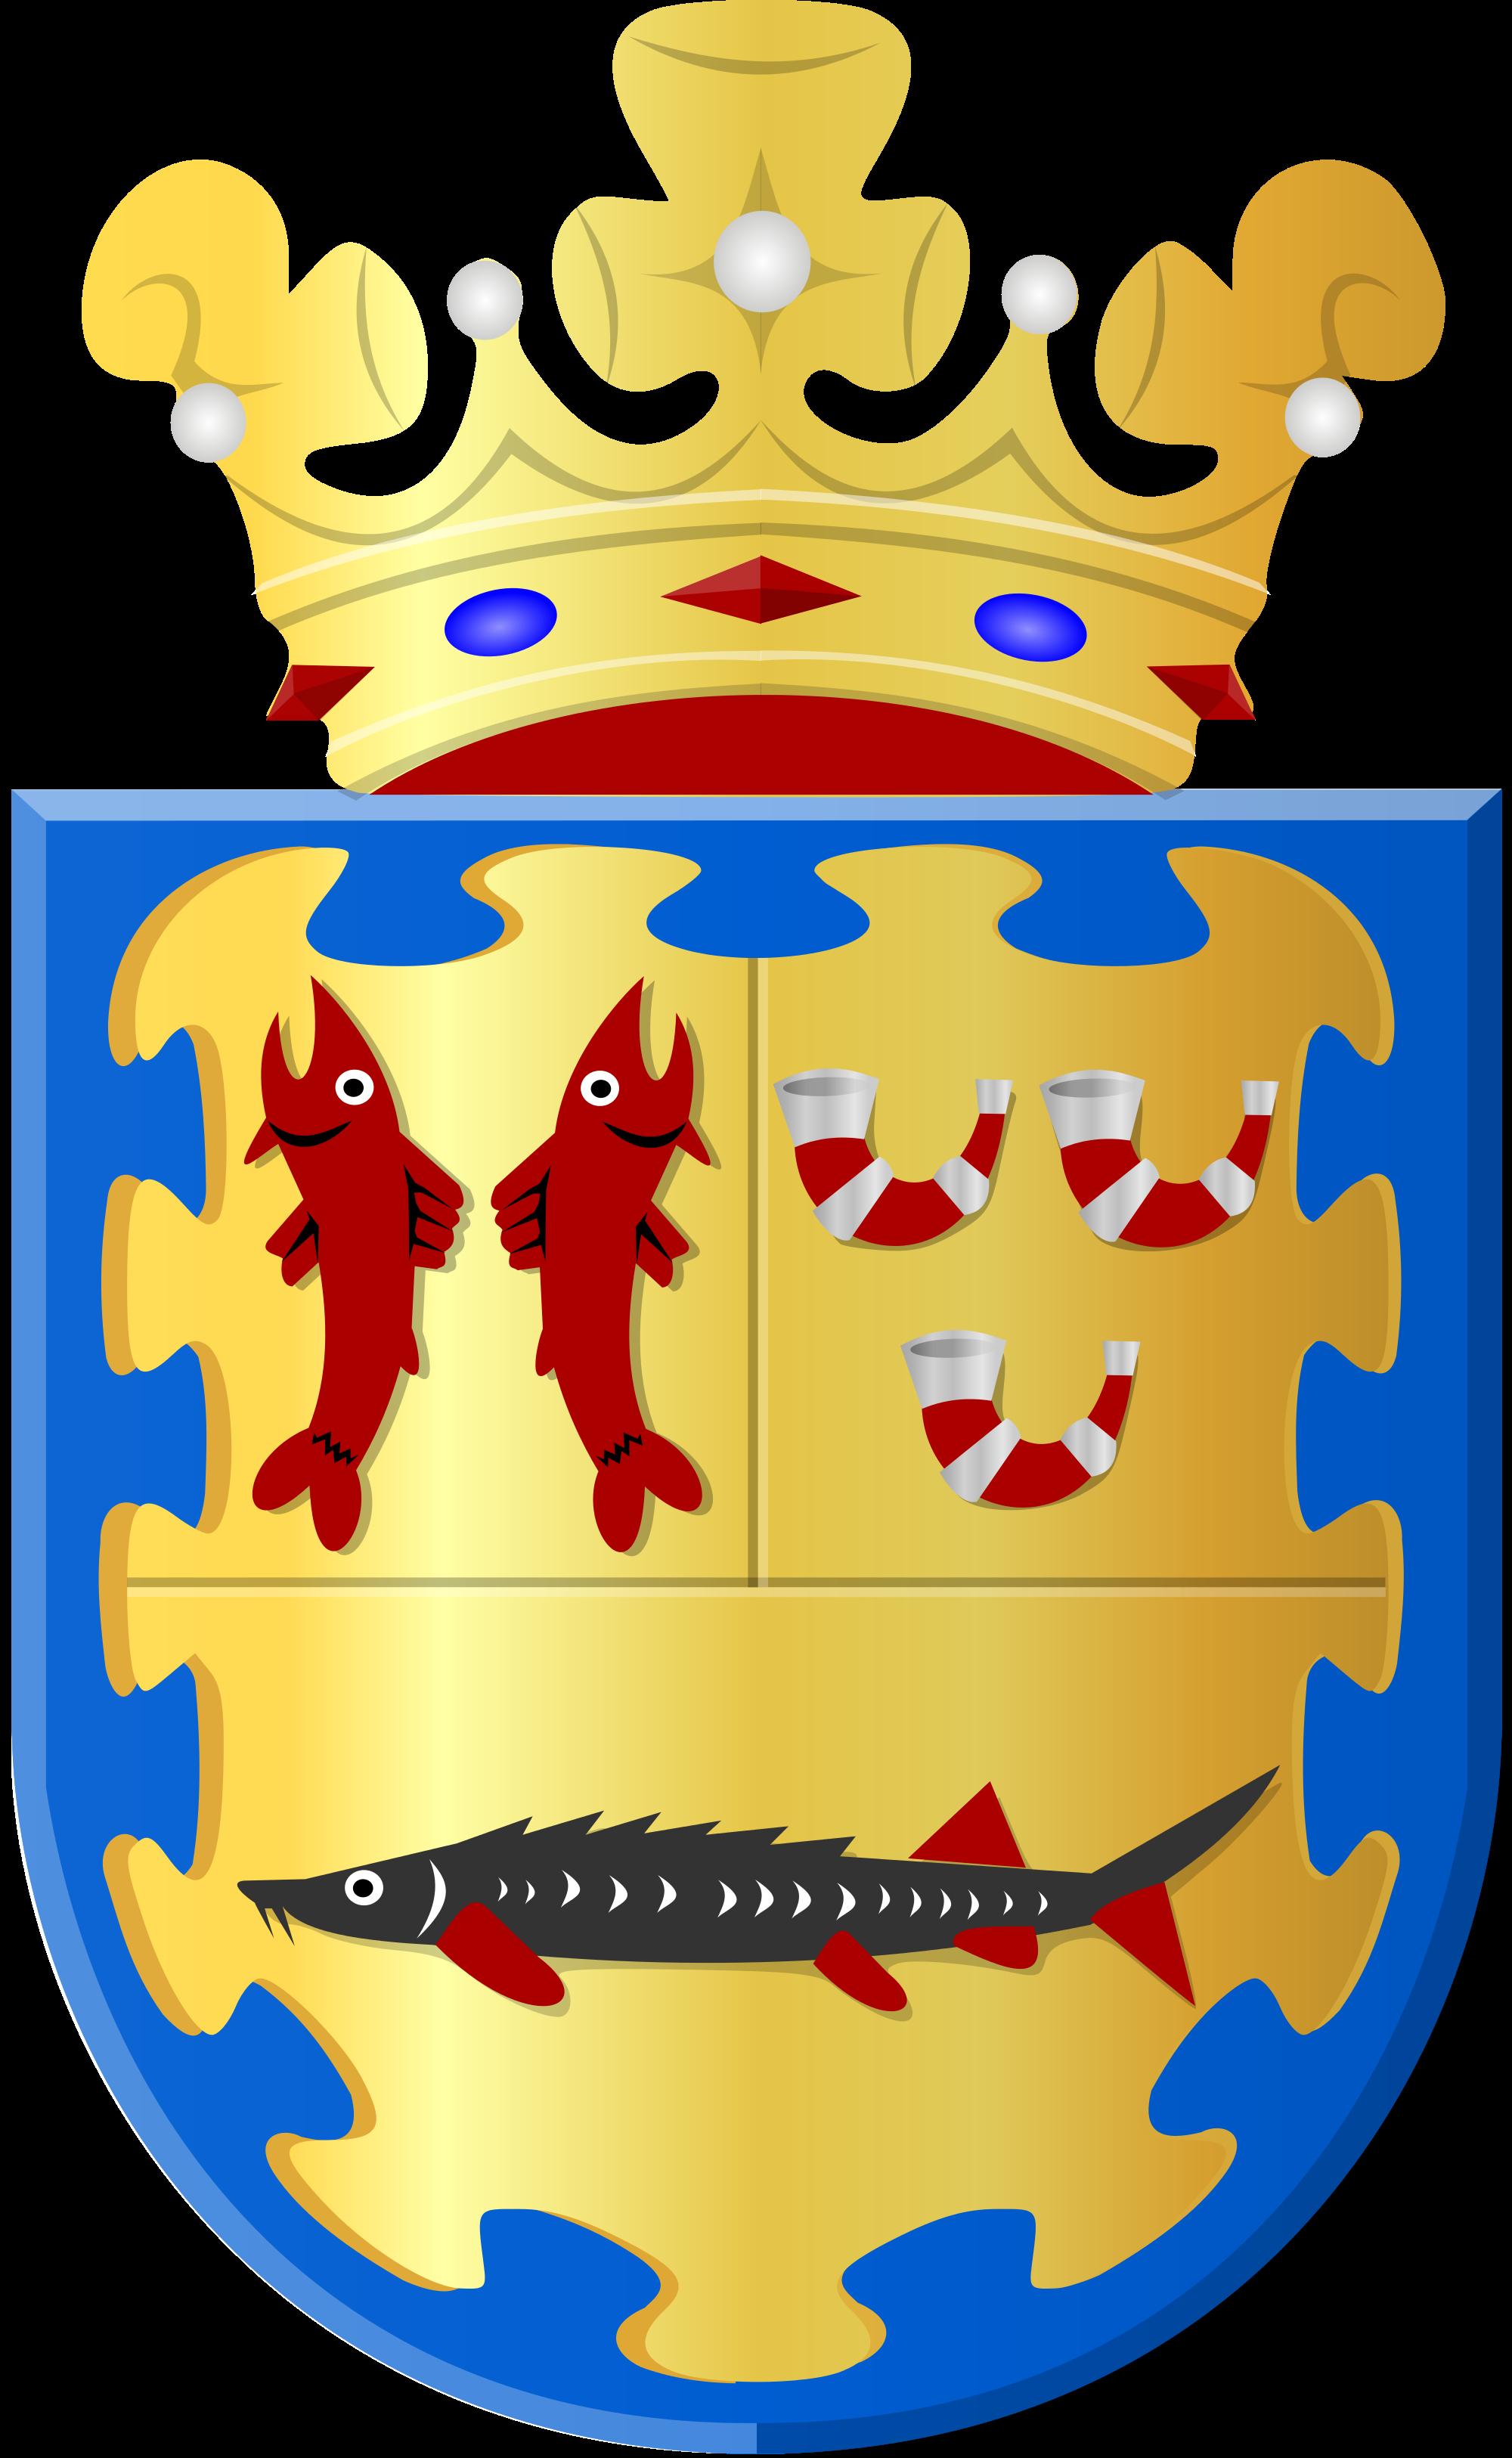 File:Alm en Biesbosch wapen.svg.